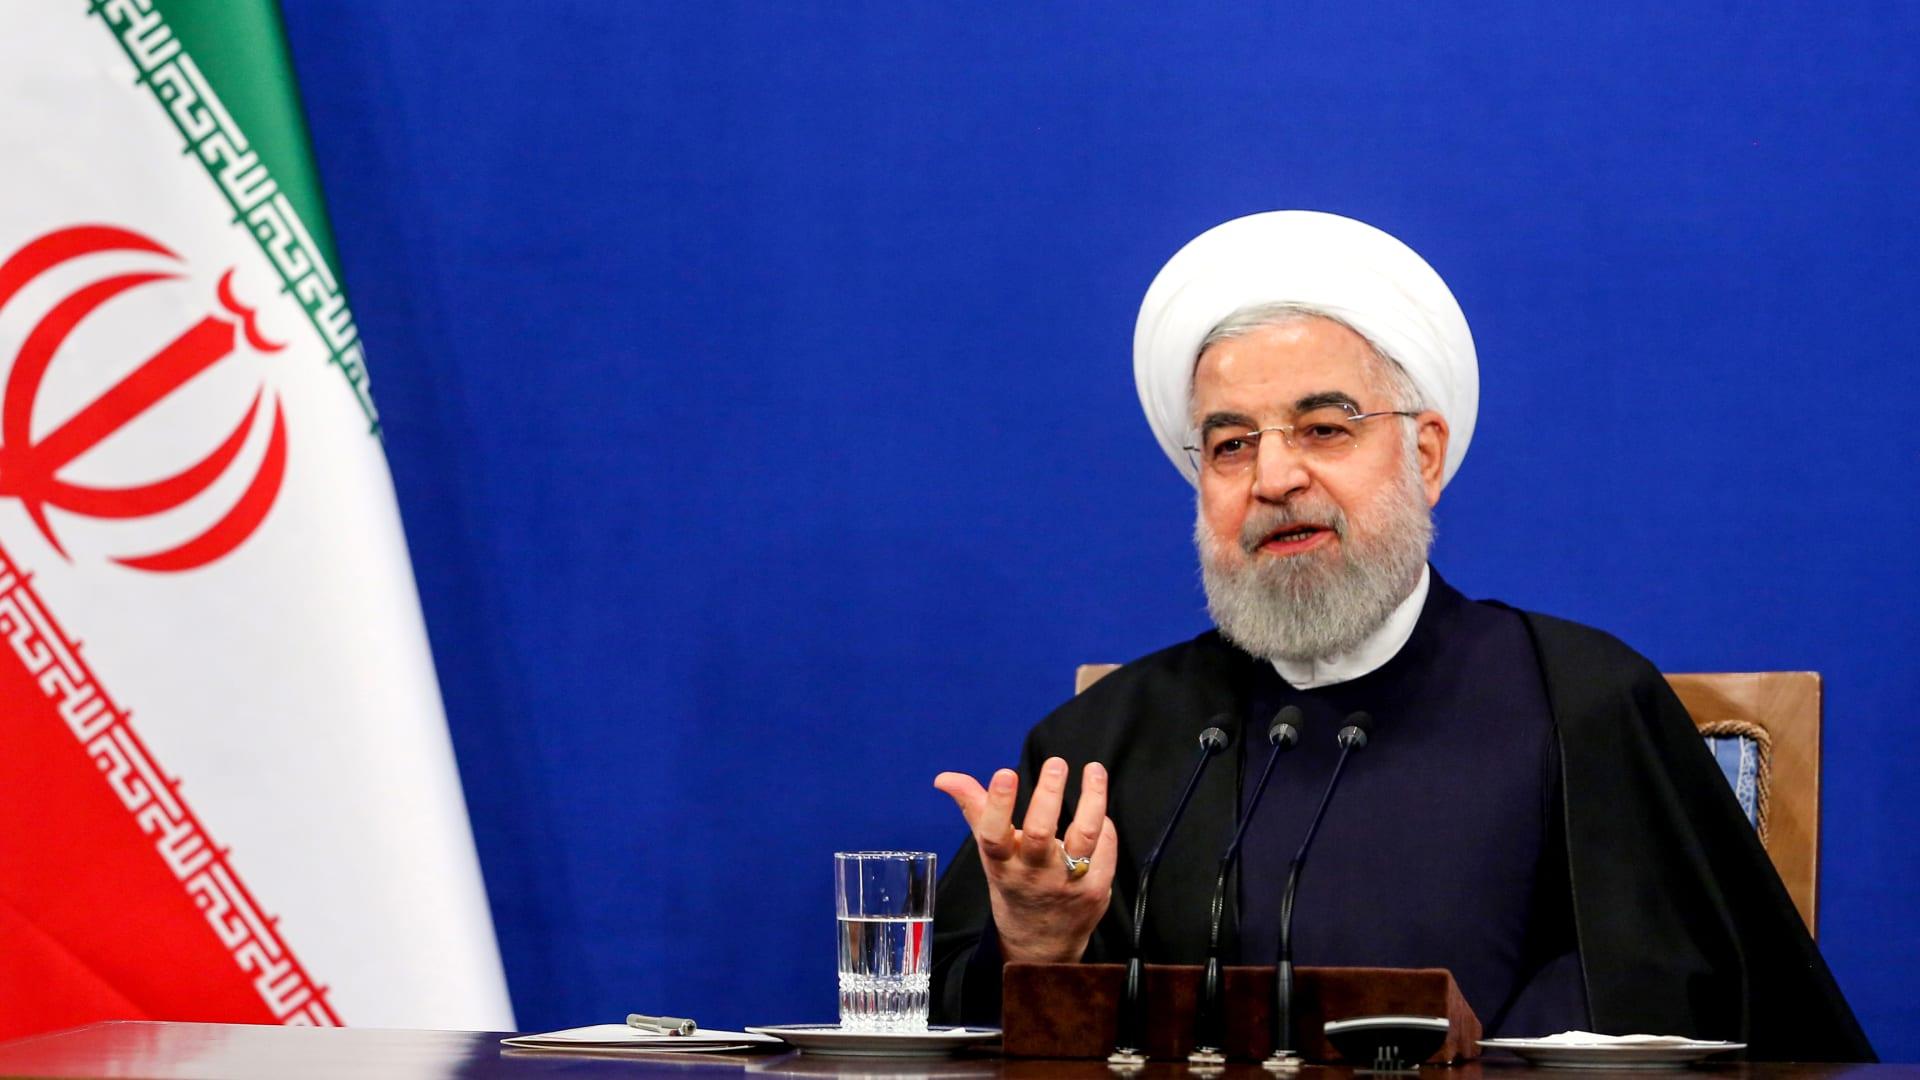 الرئيس الإيراني حسن روحاني - صورة ارشيفية